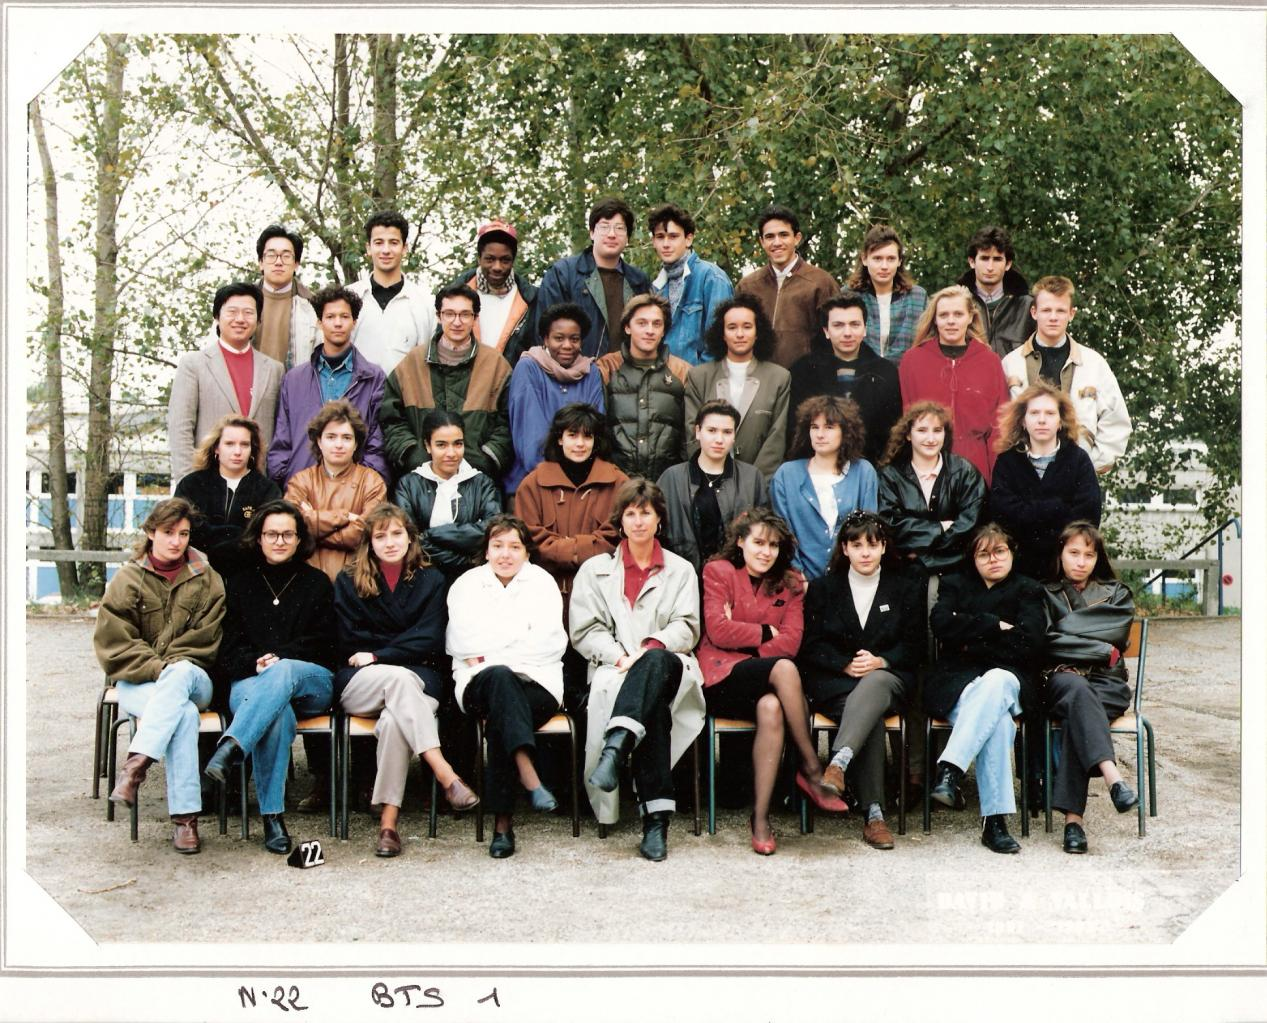 1992 - BTS1